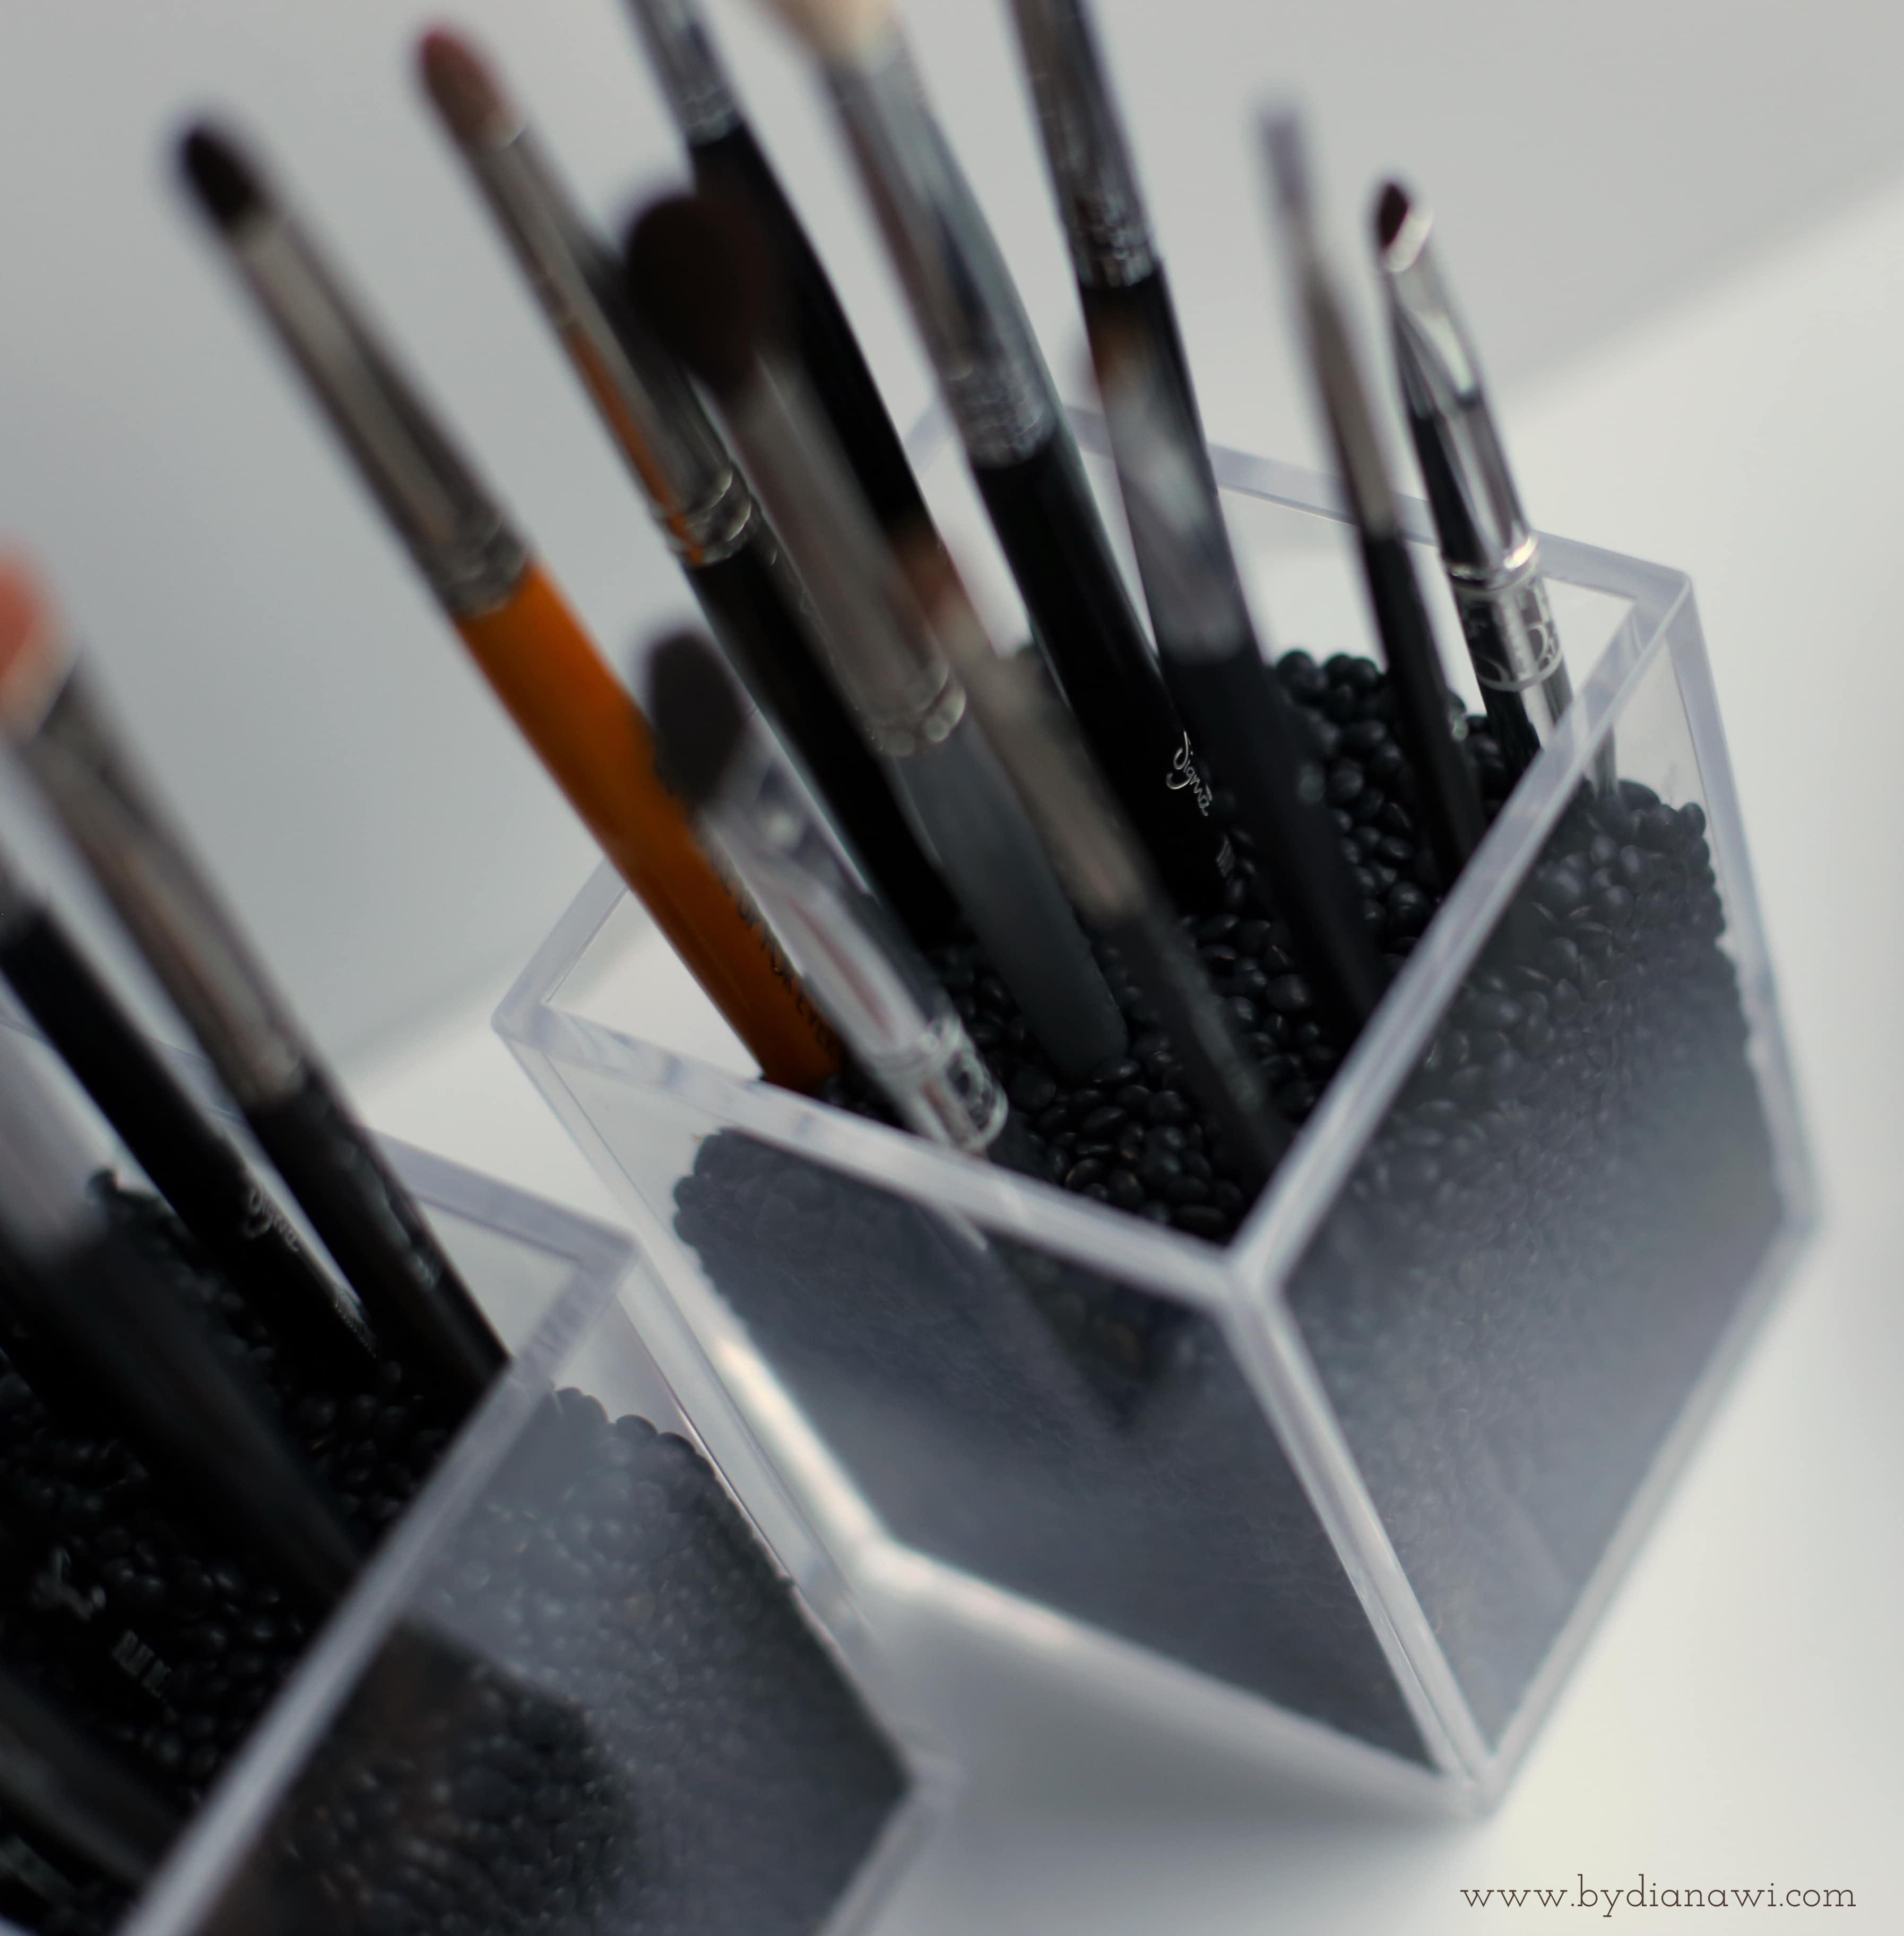 sådan organiserer jeg makeup børster